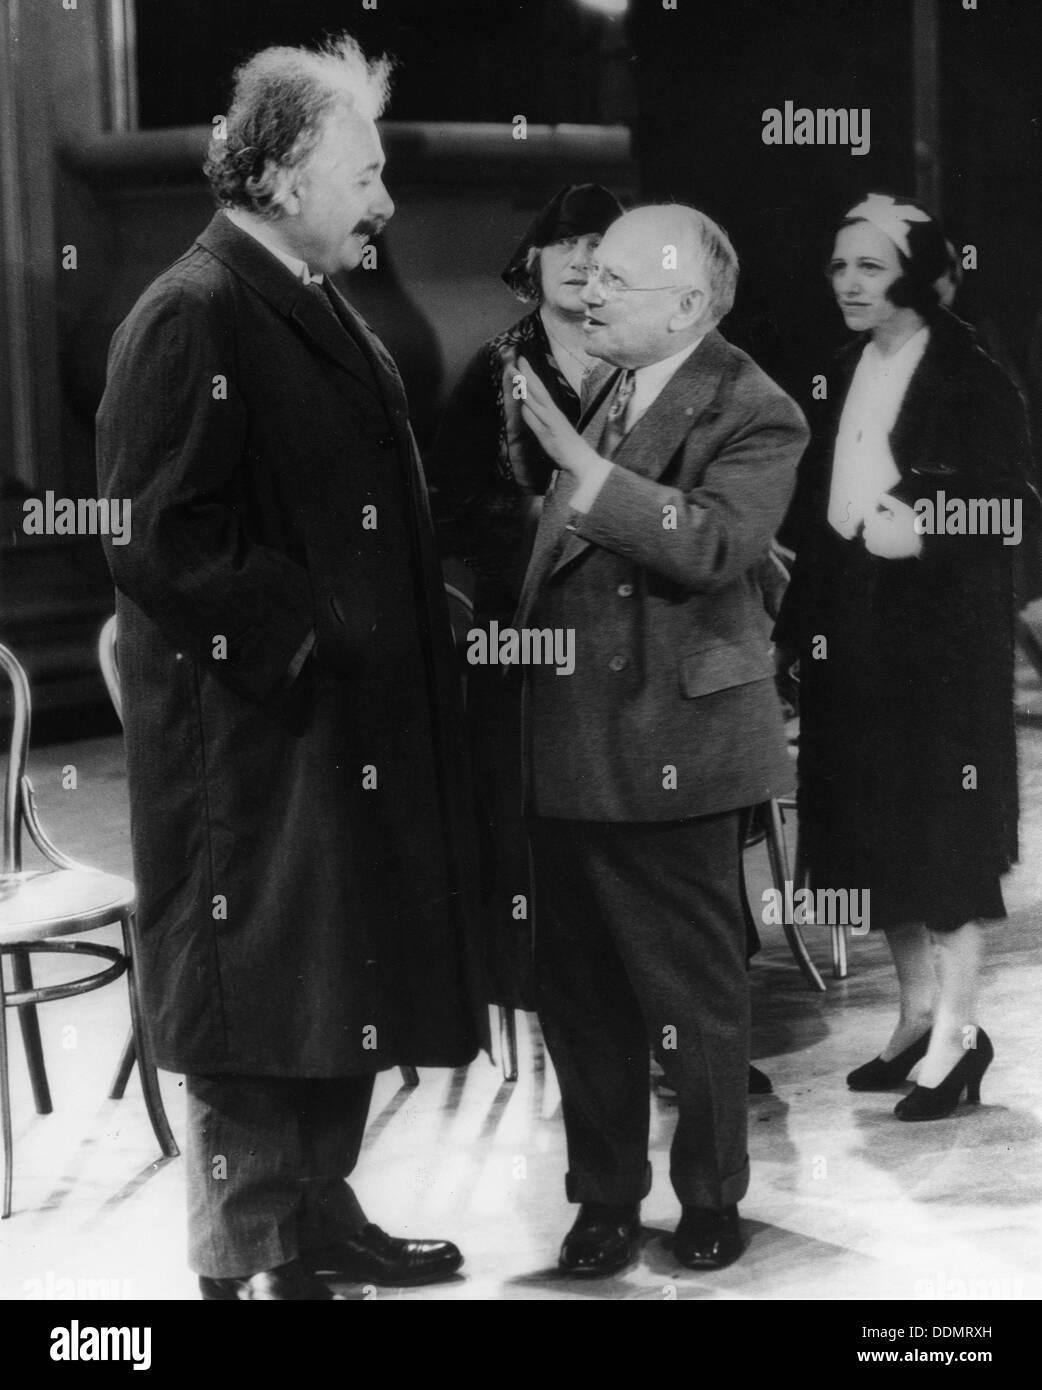 Albert Einstein (1879-1955) with Carl Laemmle (1867-1939), movie mogul, 1931. - Stock Image